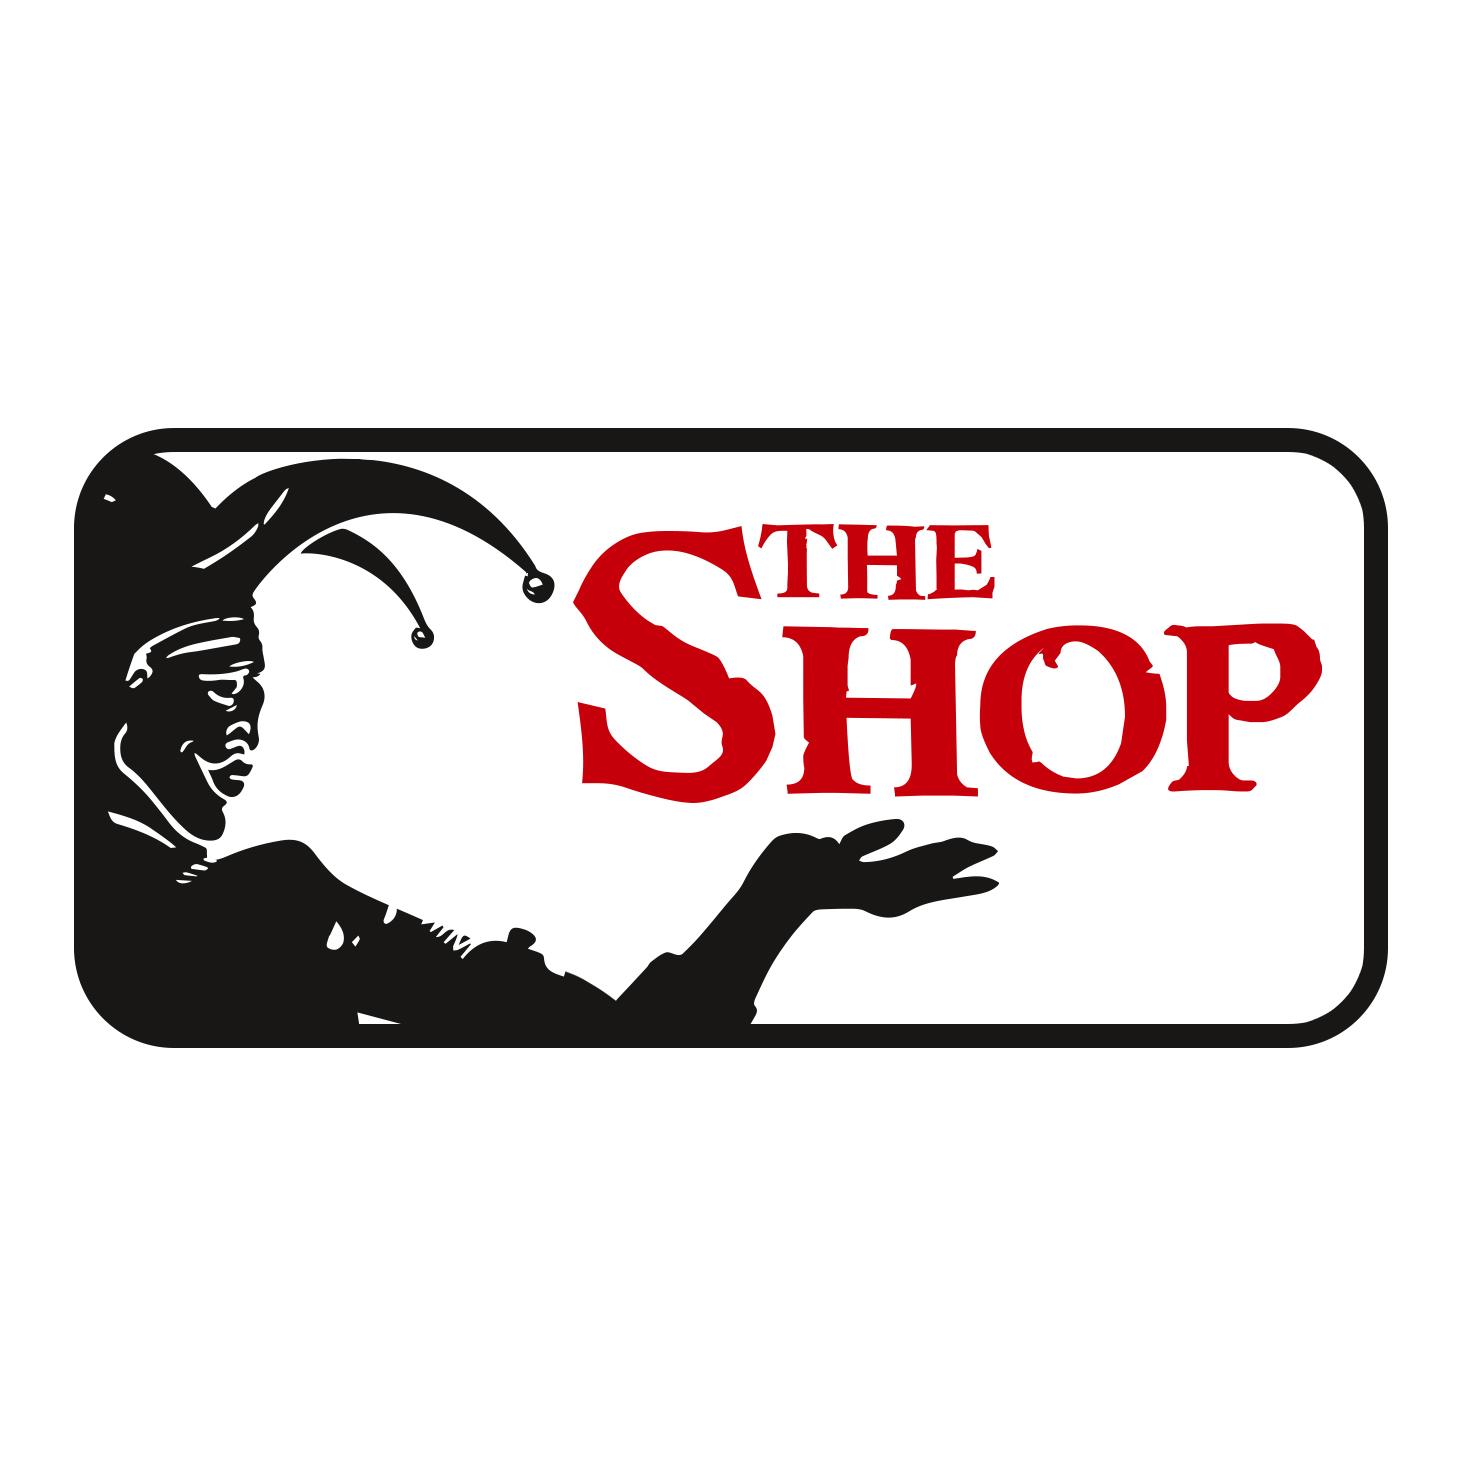 The Jokers Shop